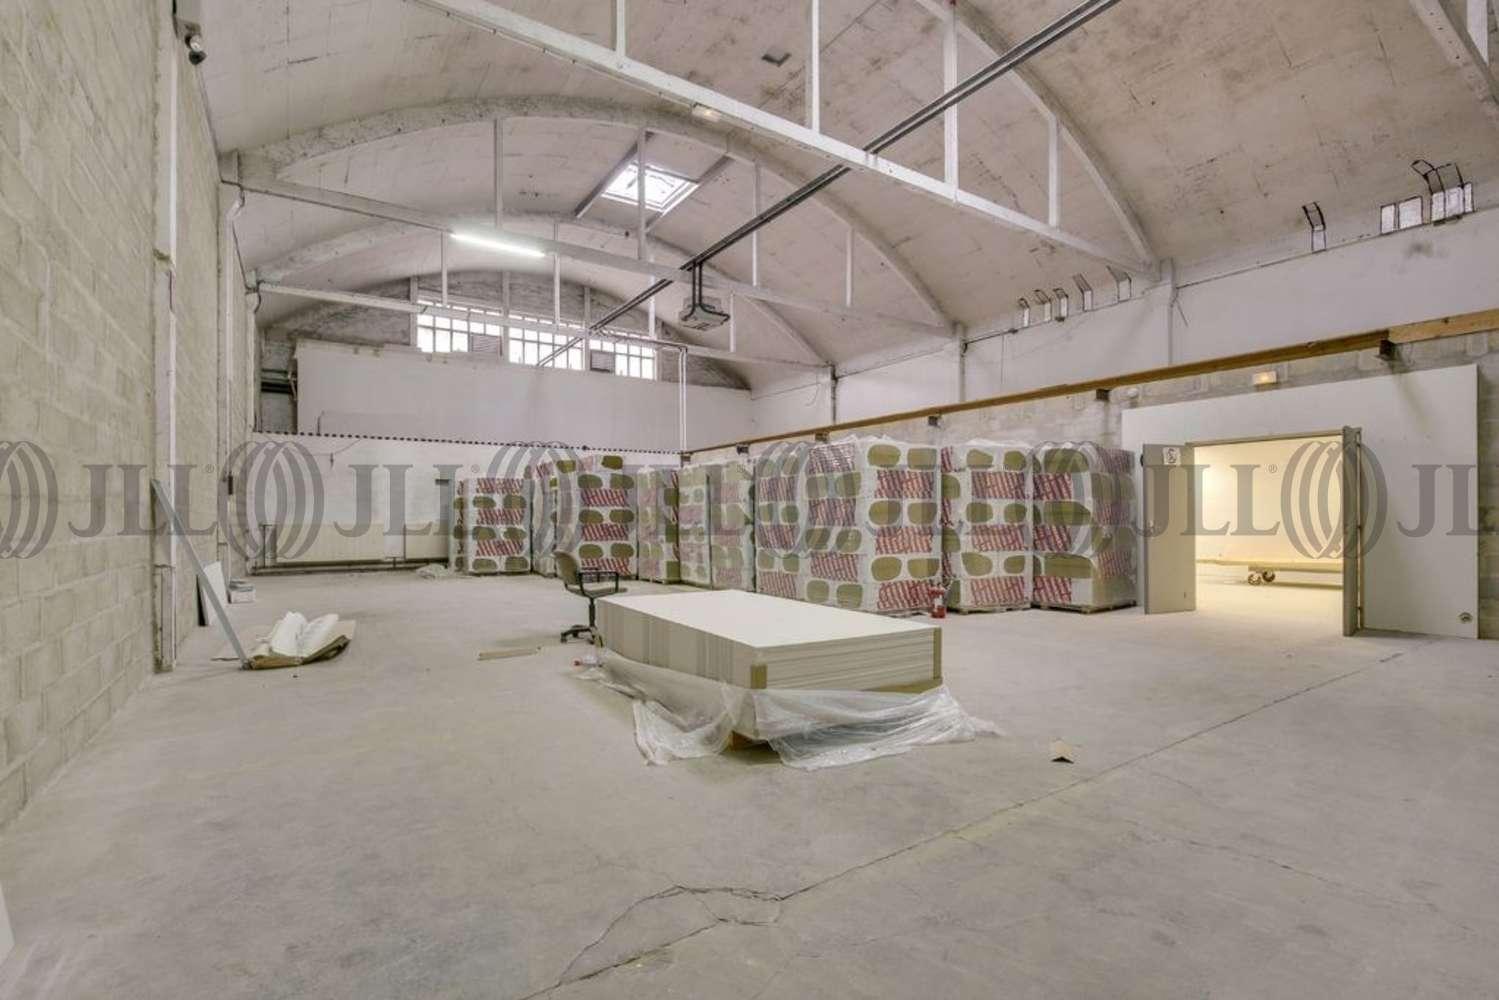 Activités/entrepôt Aubervilliers, 93300 - PARC DES PORTES DE PARIS - BAT. 211 - 10918110